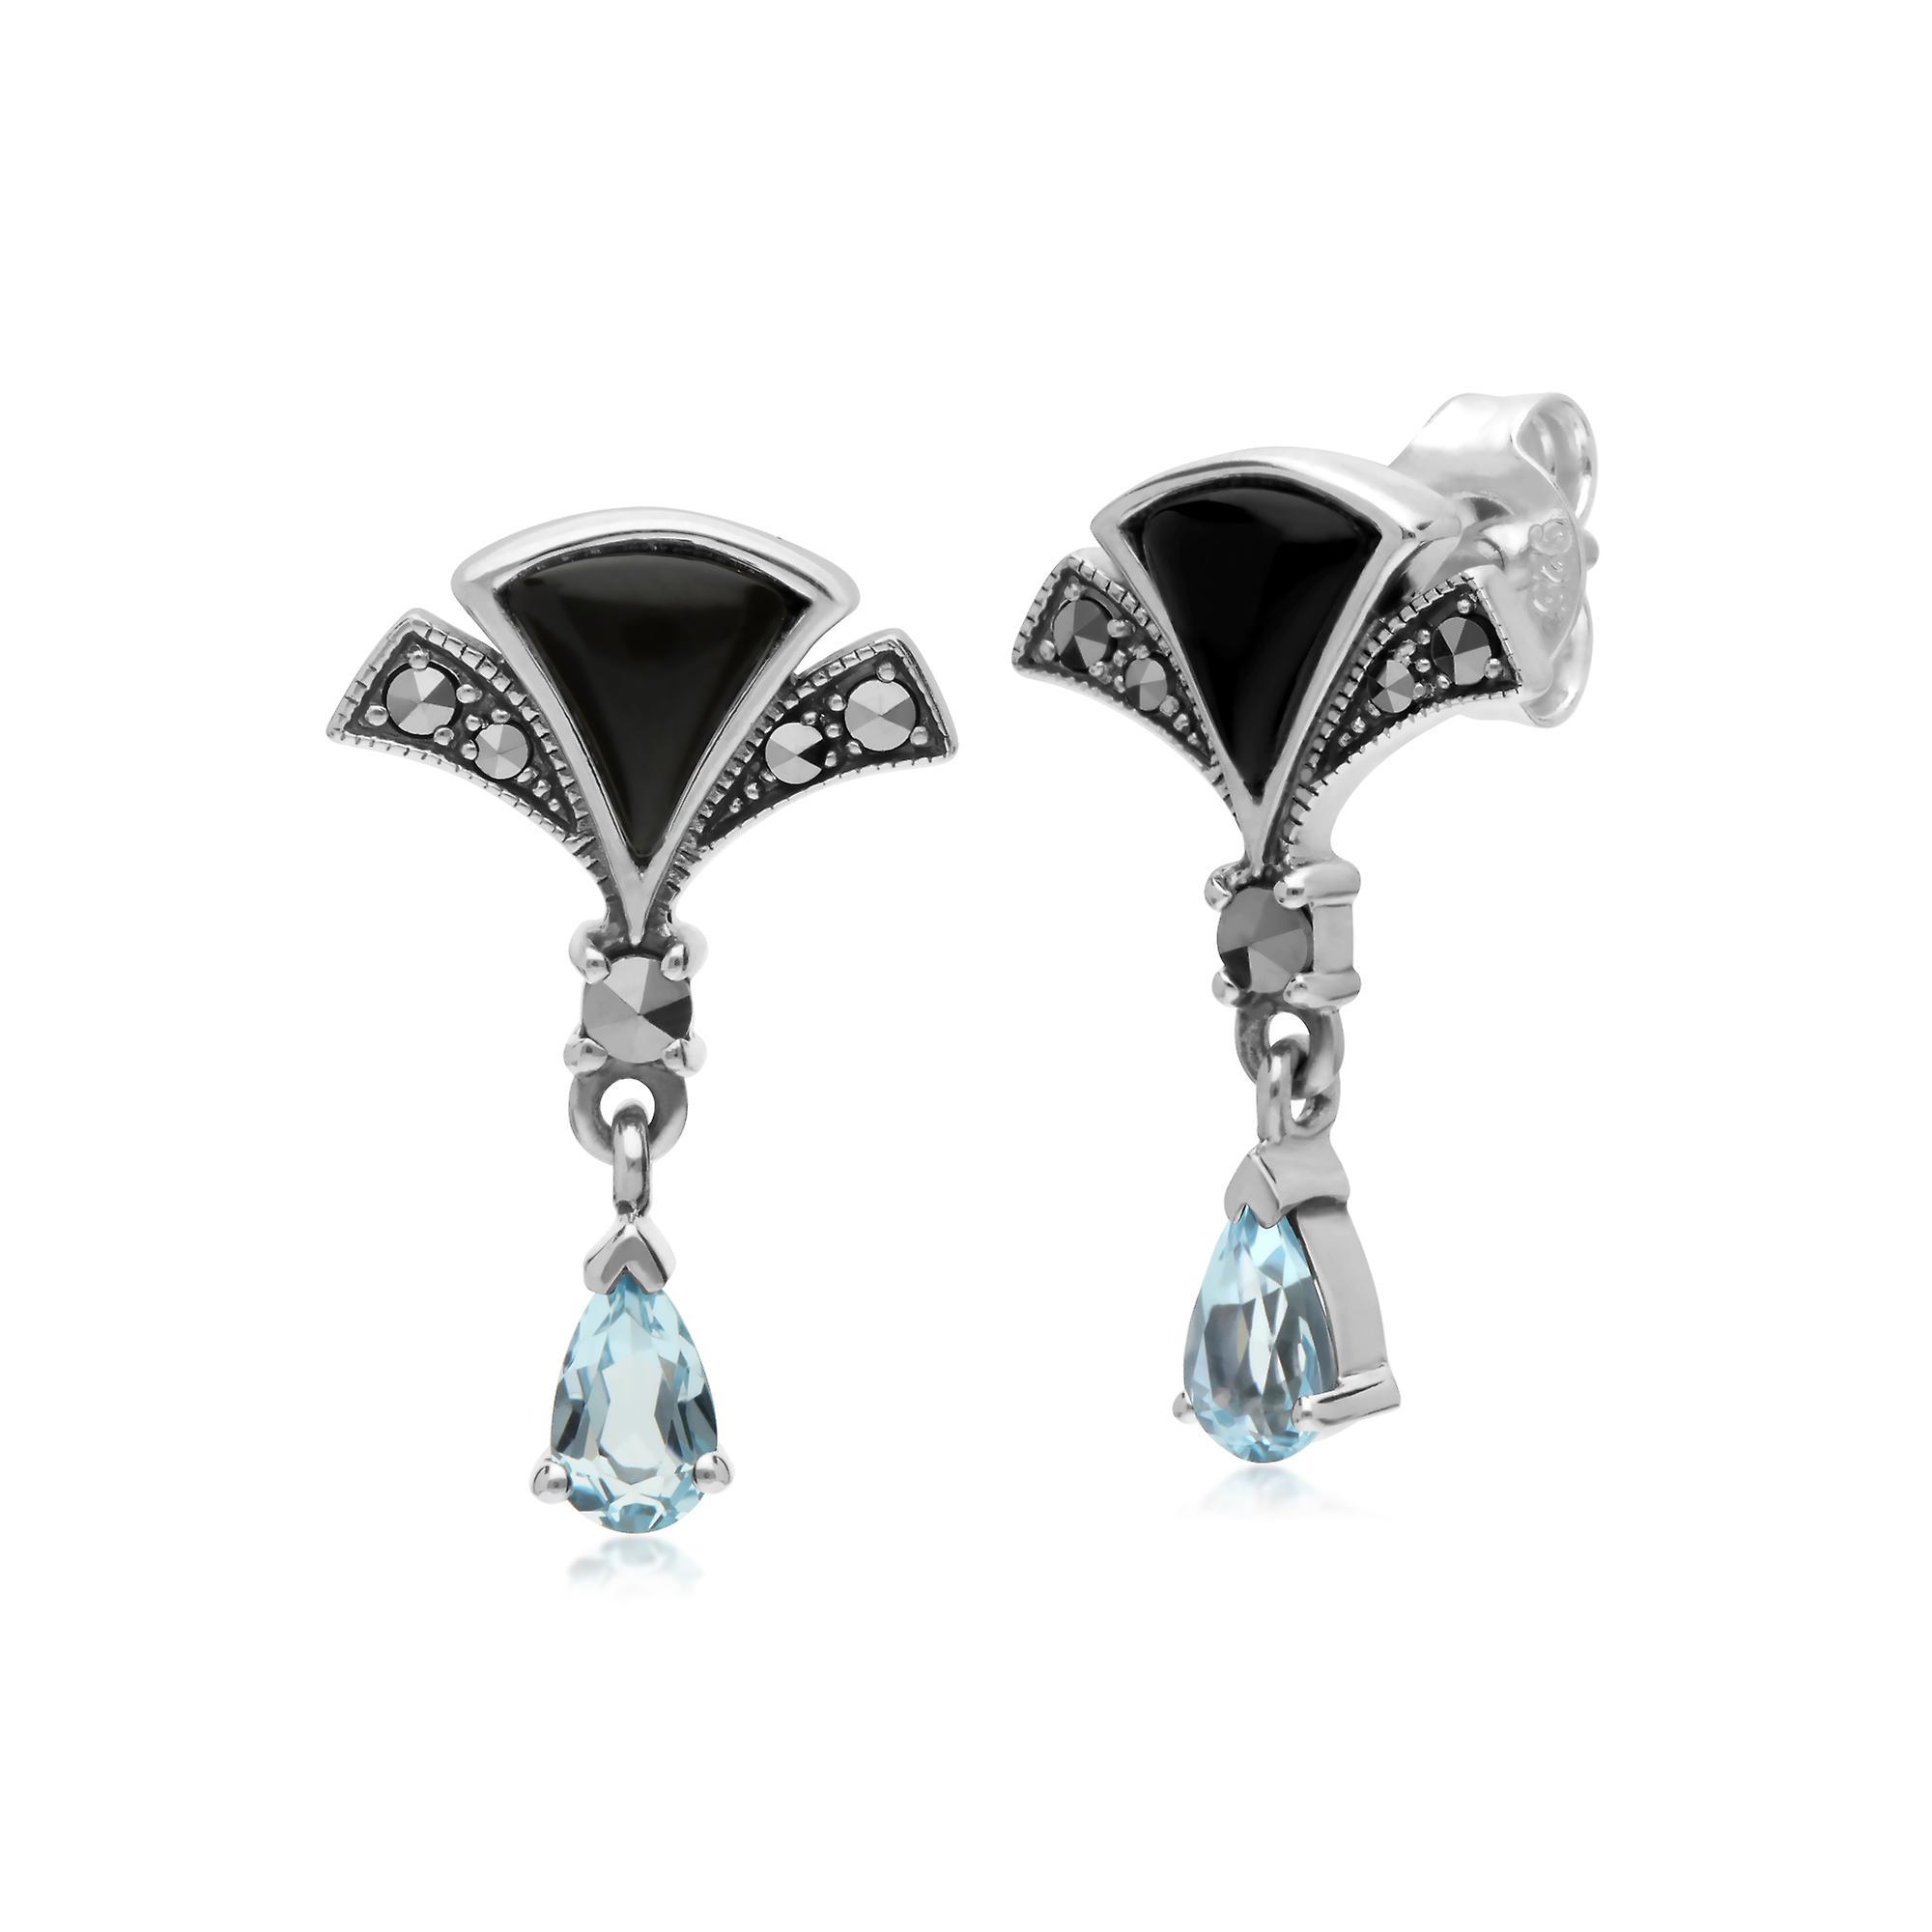 Gemondo Sterling Silver Blue Topaz, Black Onyx and Marcasite Fan Drop Earrings